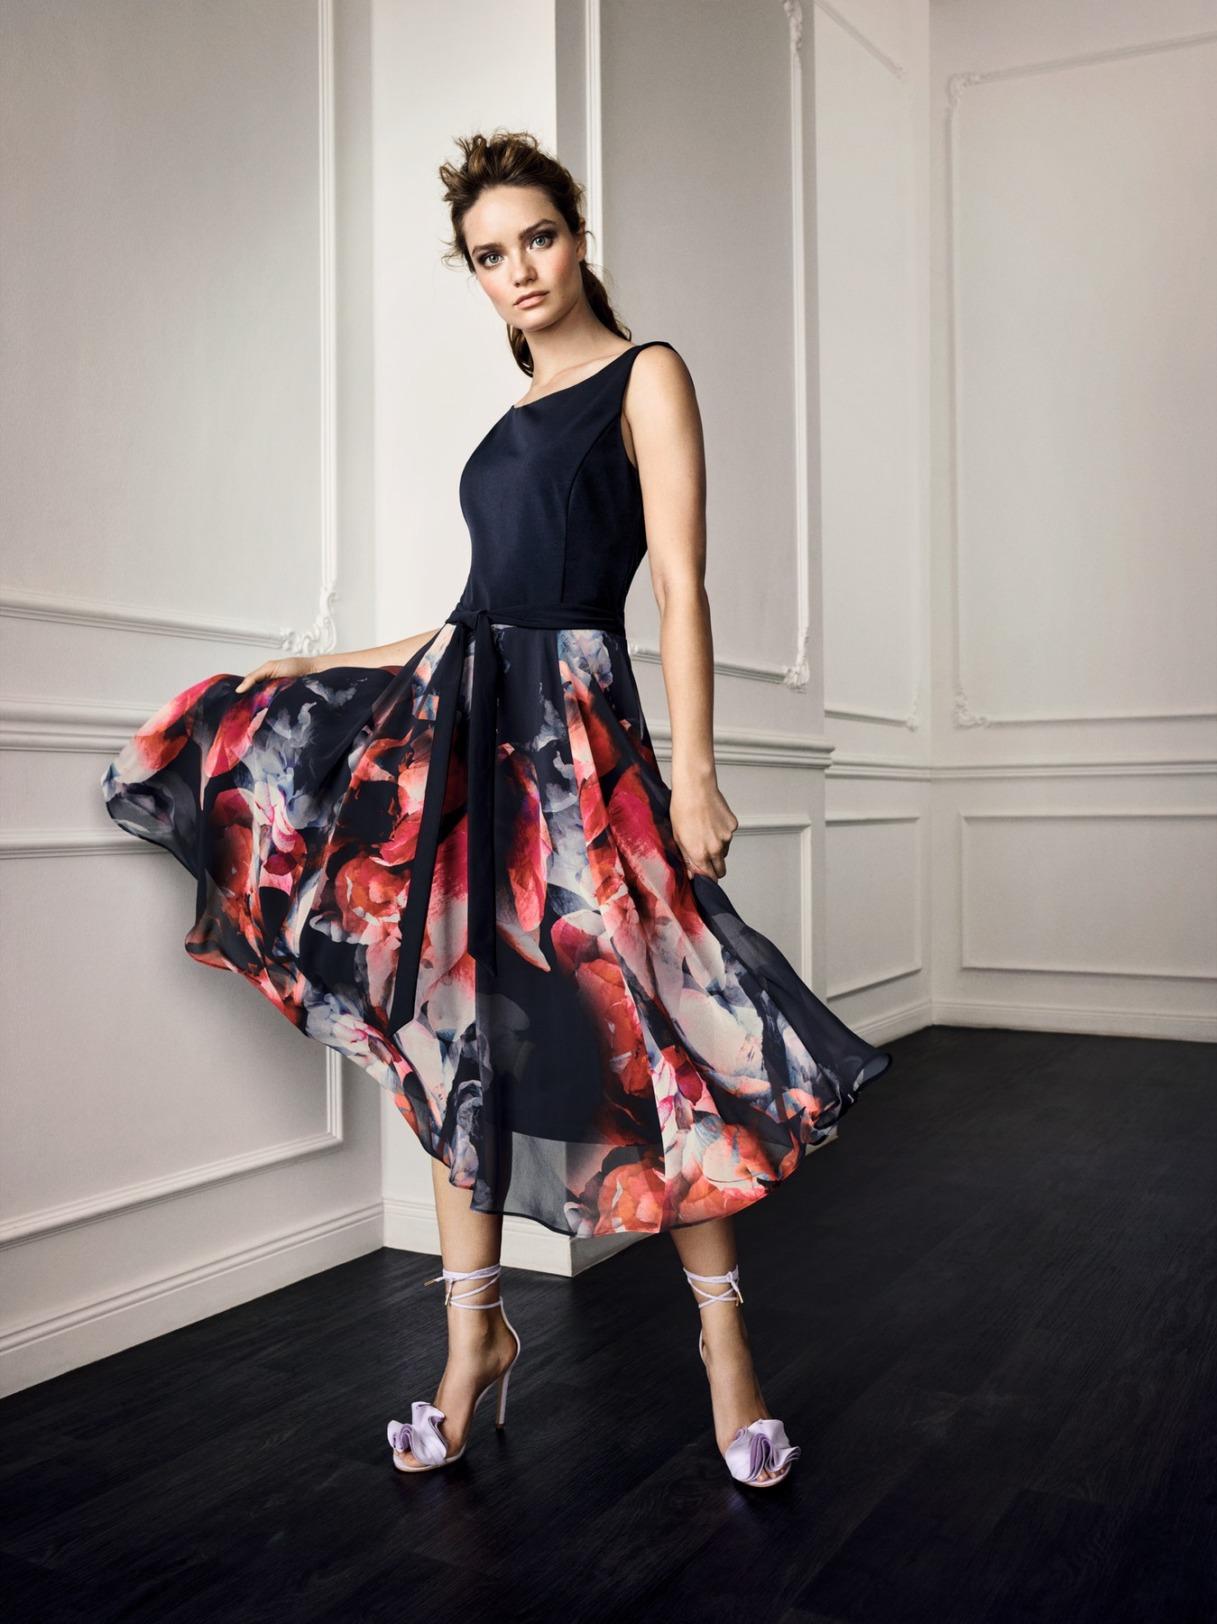 Vera Mont Kleid Anlass Mode Hochzeit Festmode Damen für Eltern Oberteil blau navy dunkelblau Rock mit Blumendruck und rot blau Abendkleid festlich